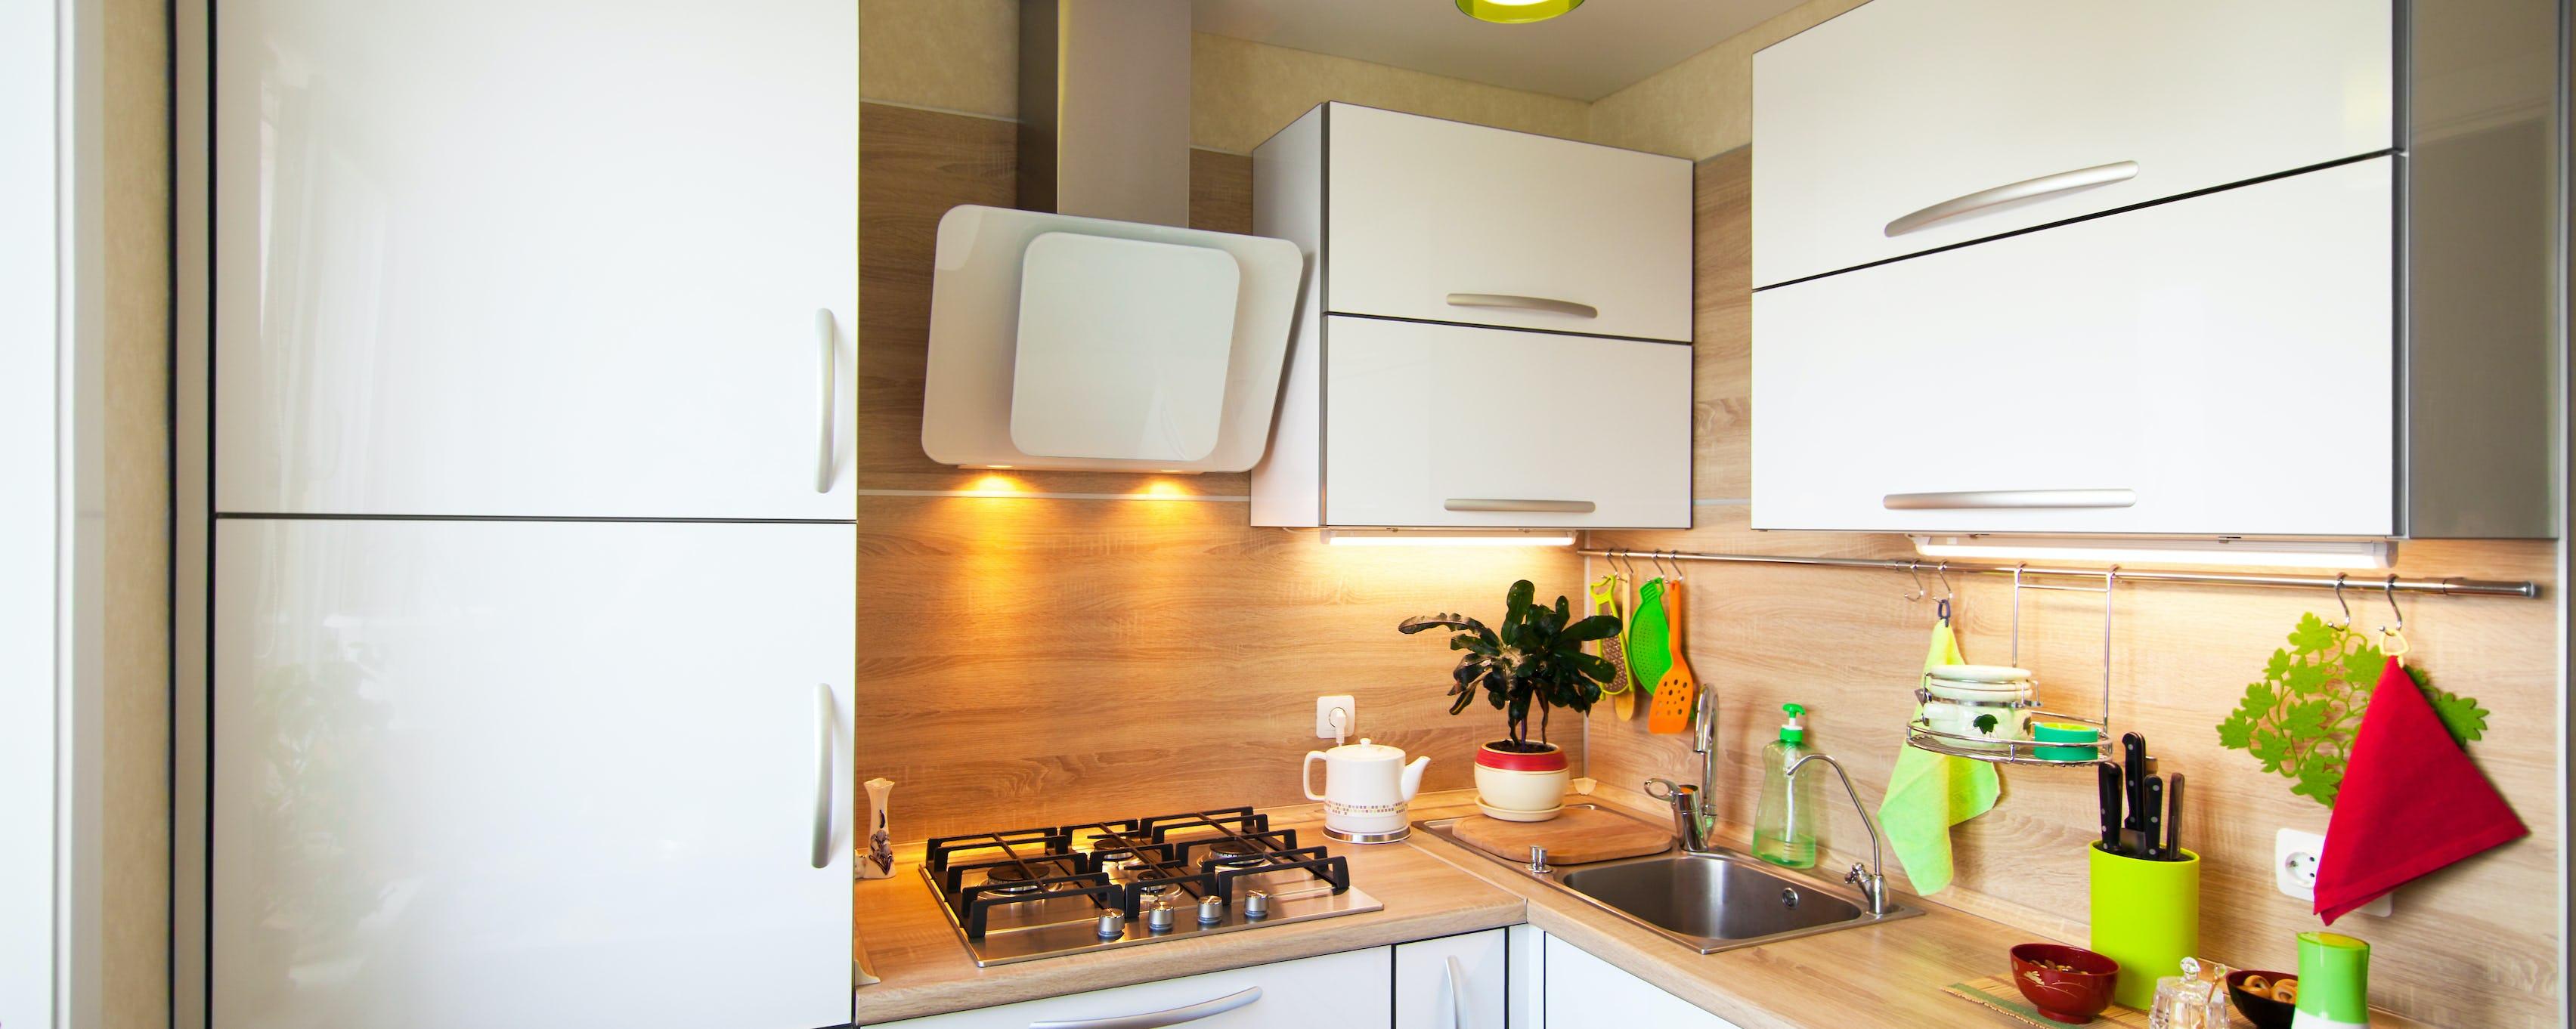 Cuisine Pour Petit Espace Contemporaine comment aménager une petite cuisine?